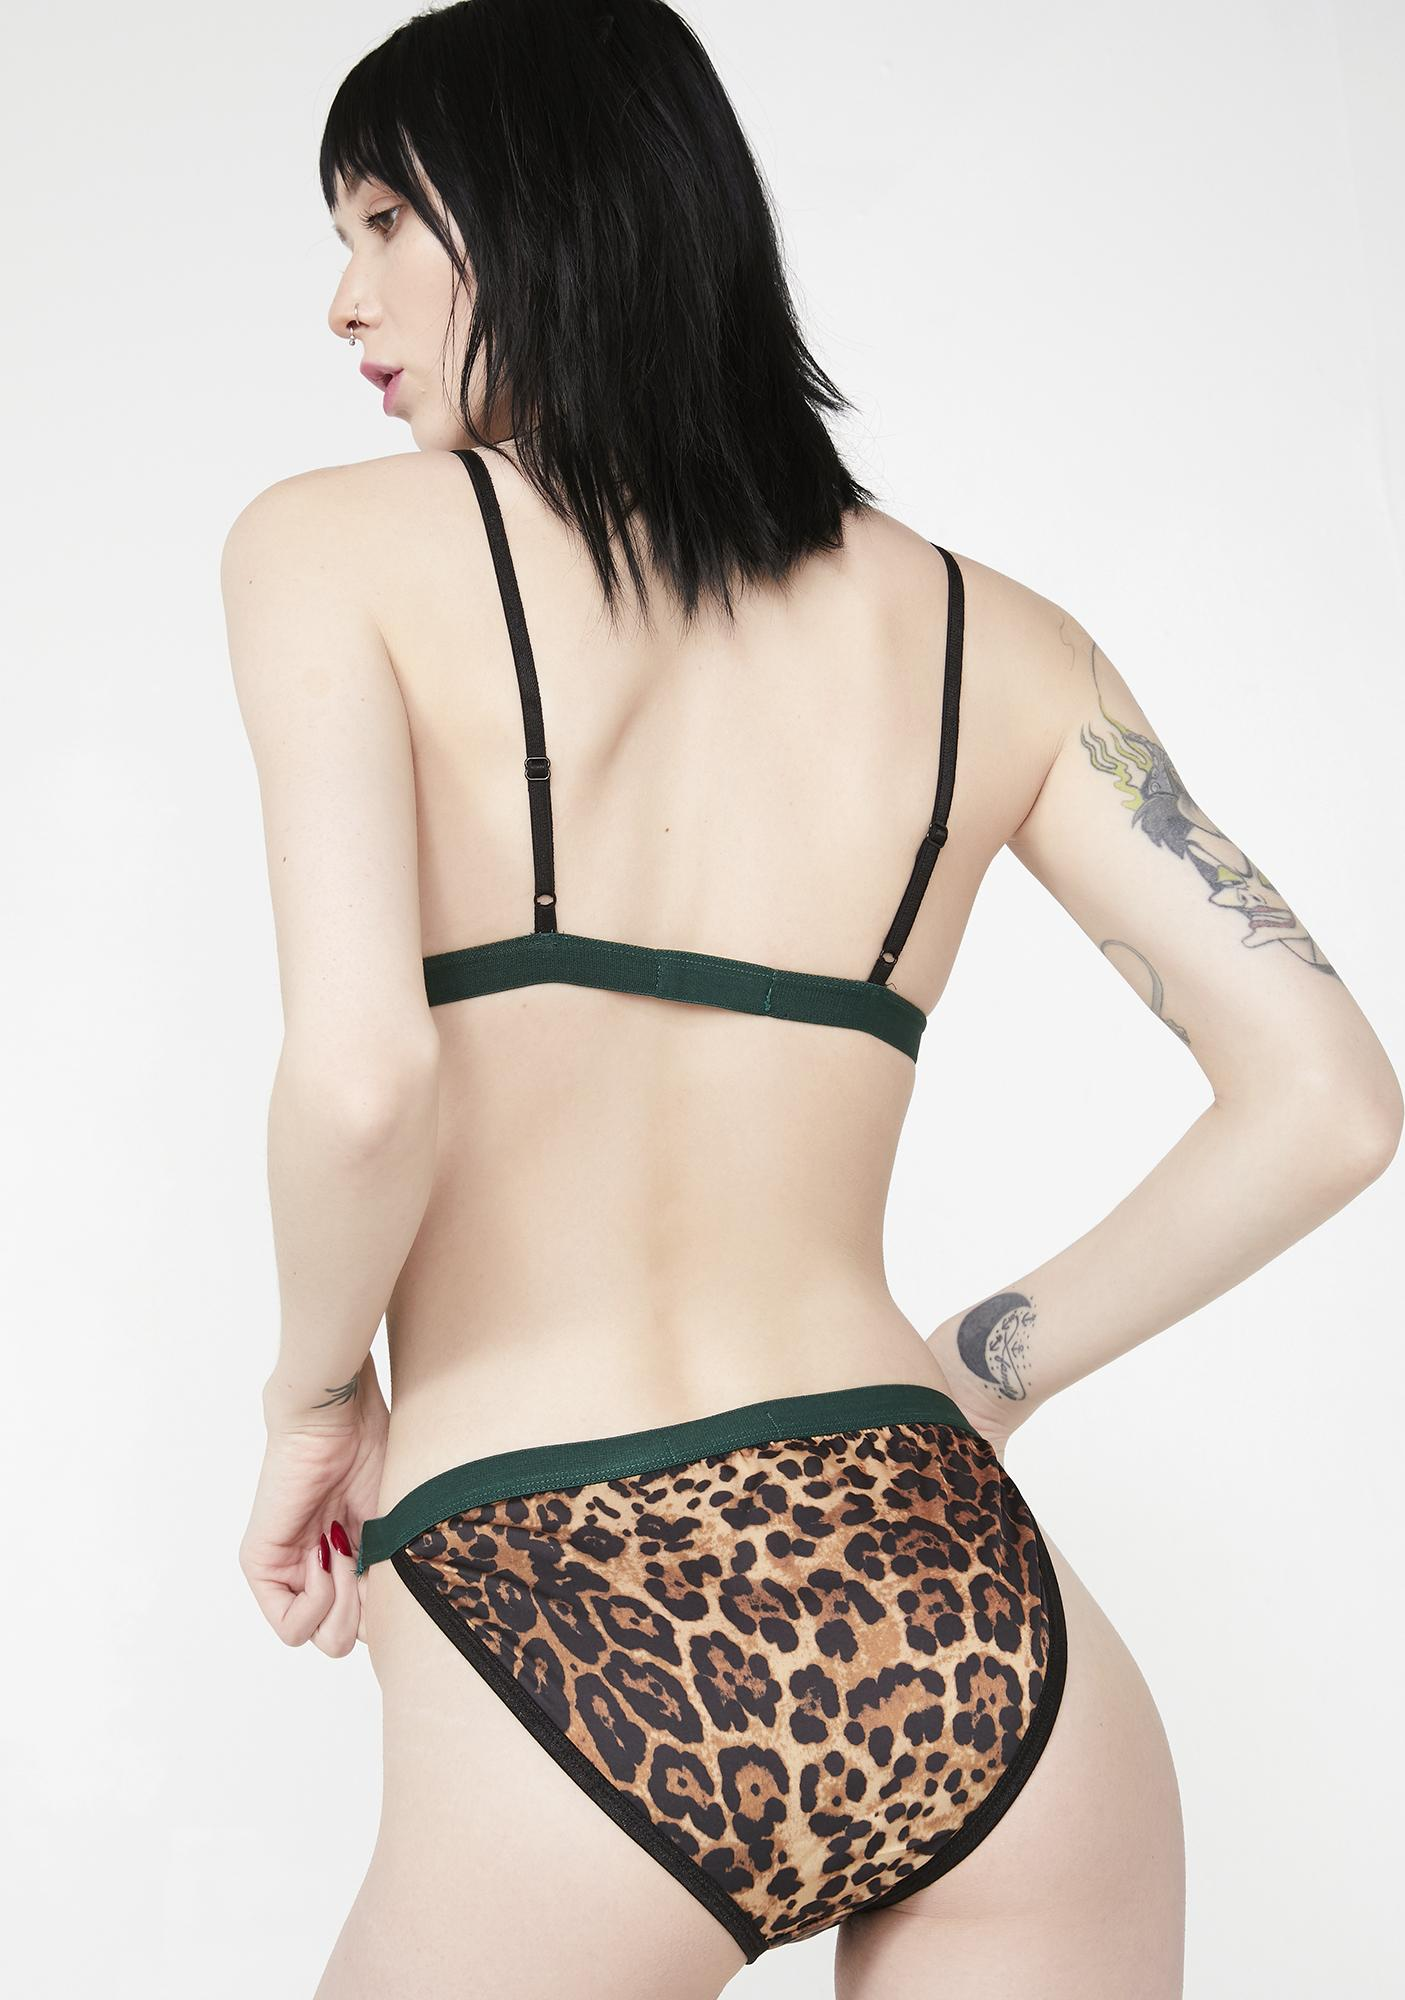 NGHTBRD Leopard Black Tapes Panty